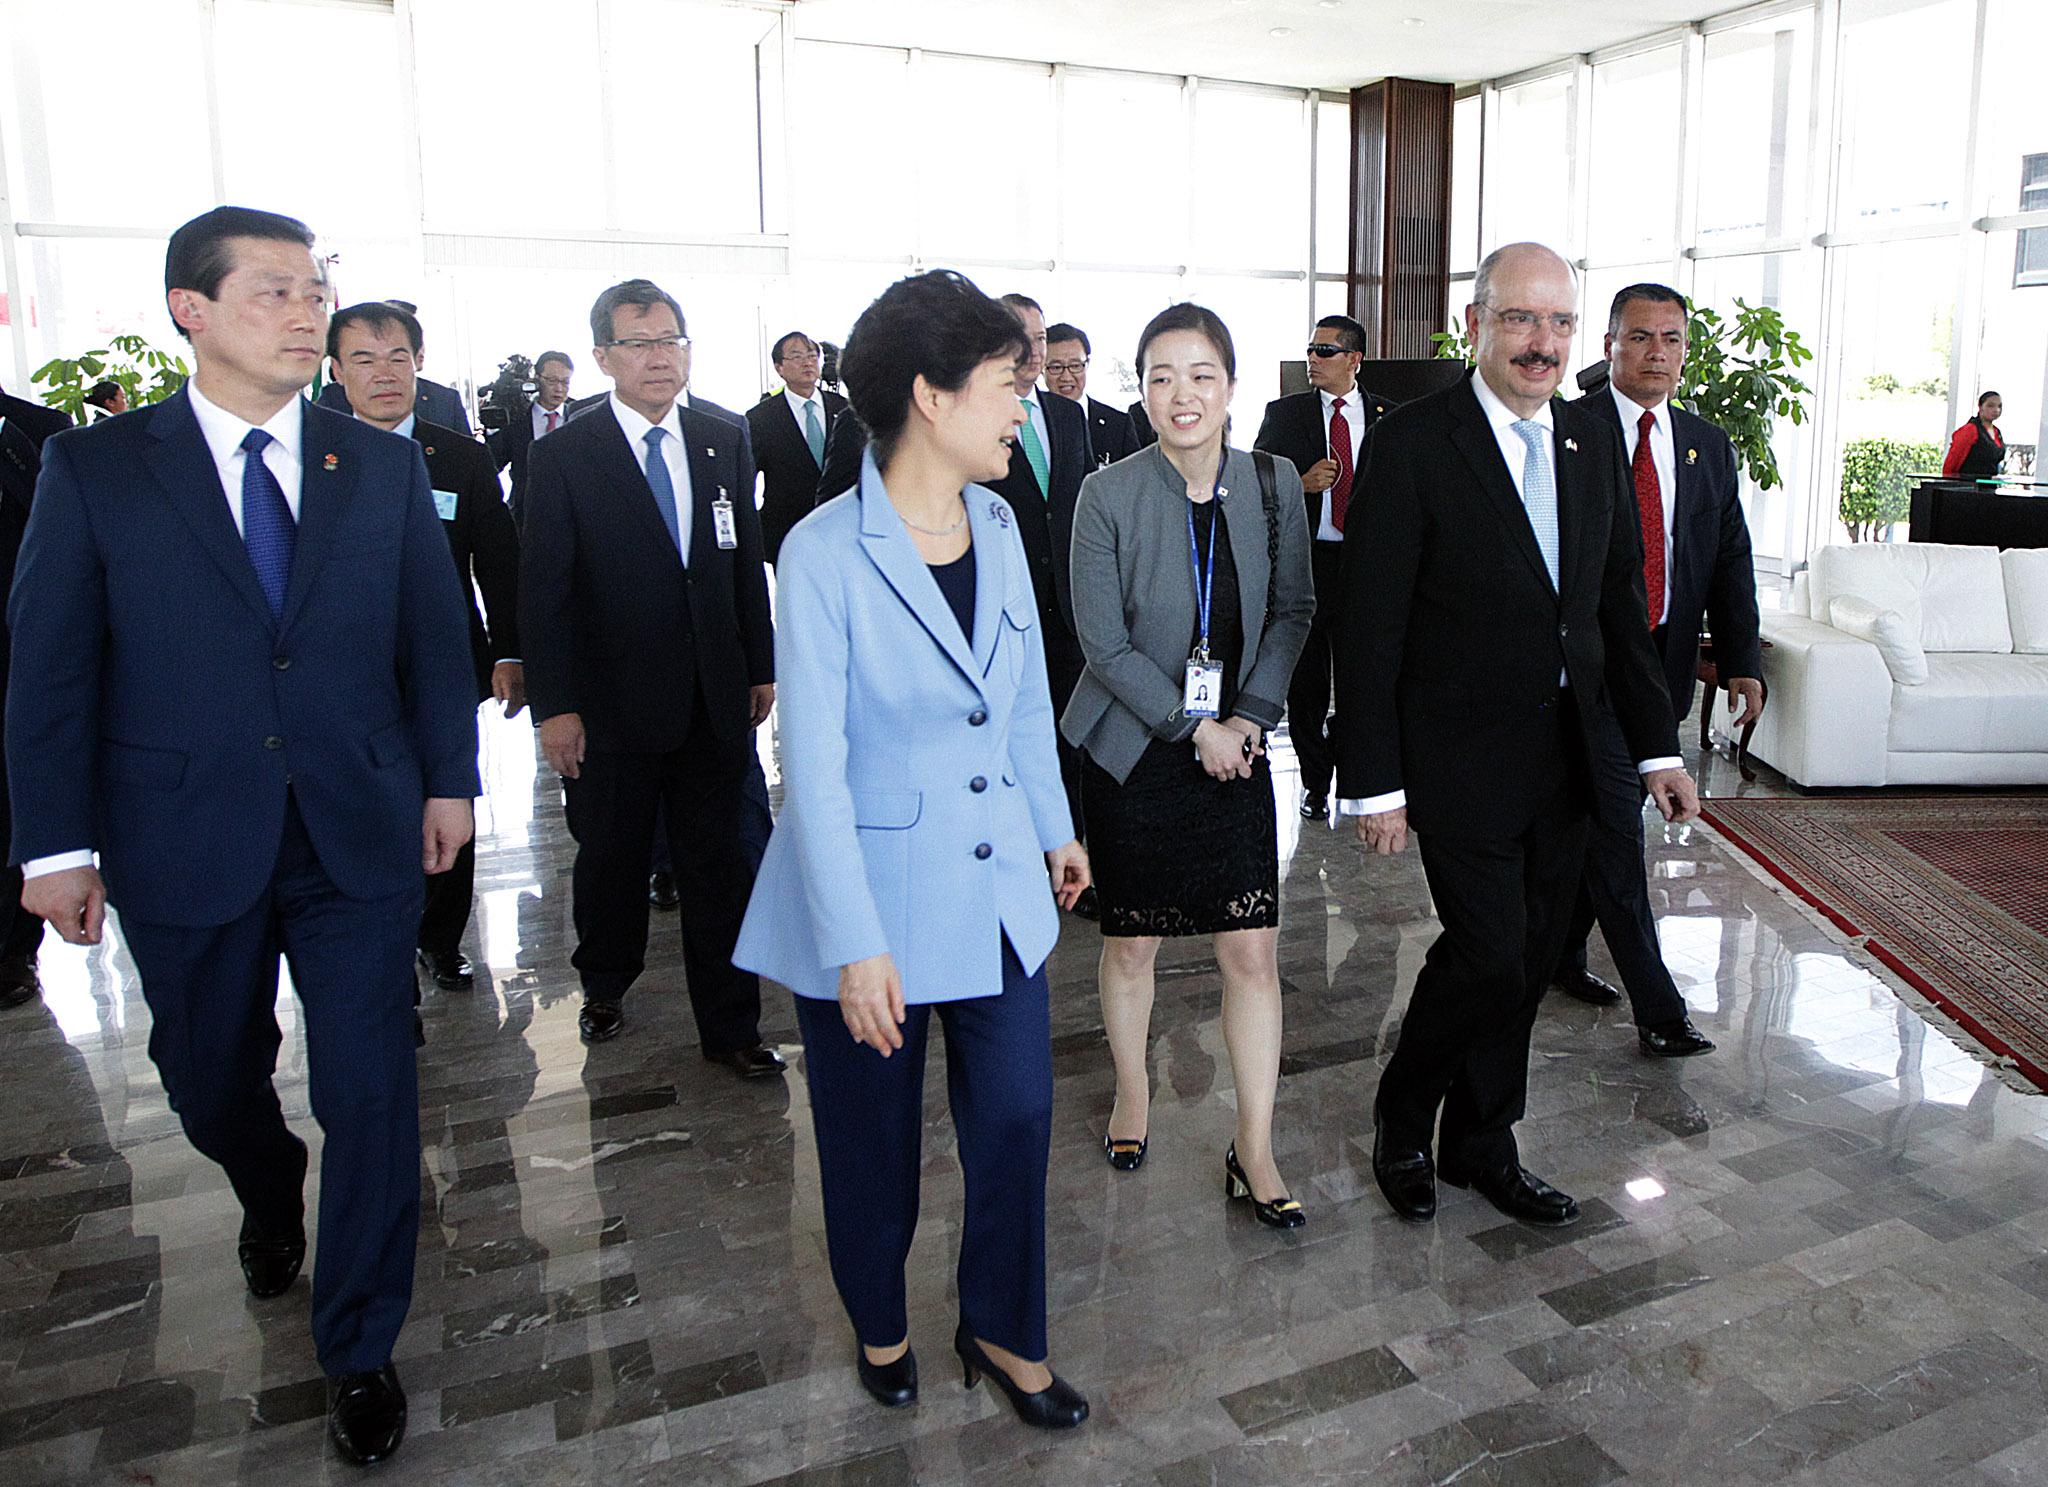 fOTO 4 Arribo de la Presidenta de la Rep blica de Corea  Excma Sra Park Geun hyejpg